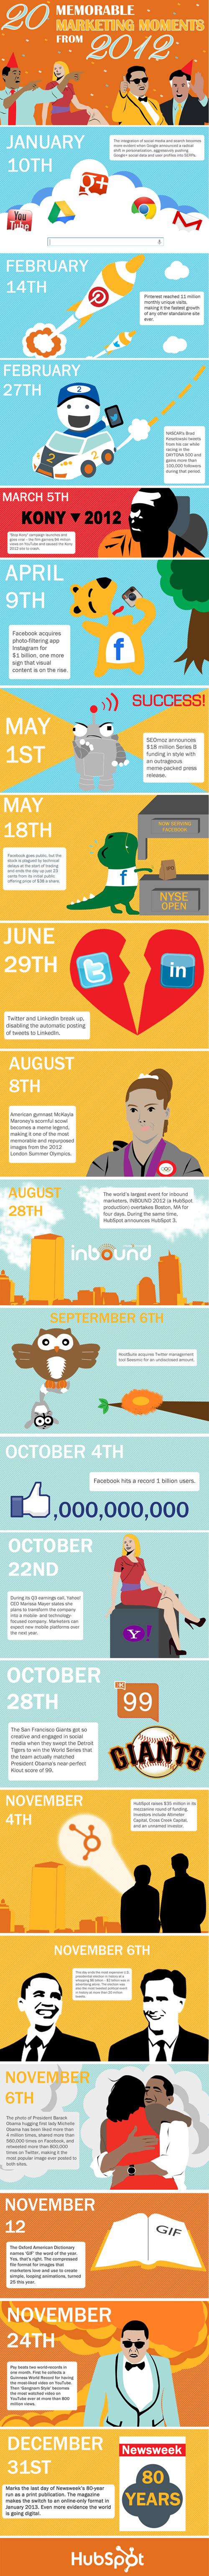 Infográfico melhores momentos de webmarketing de 2012